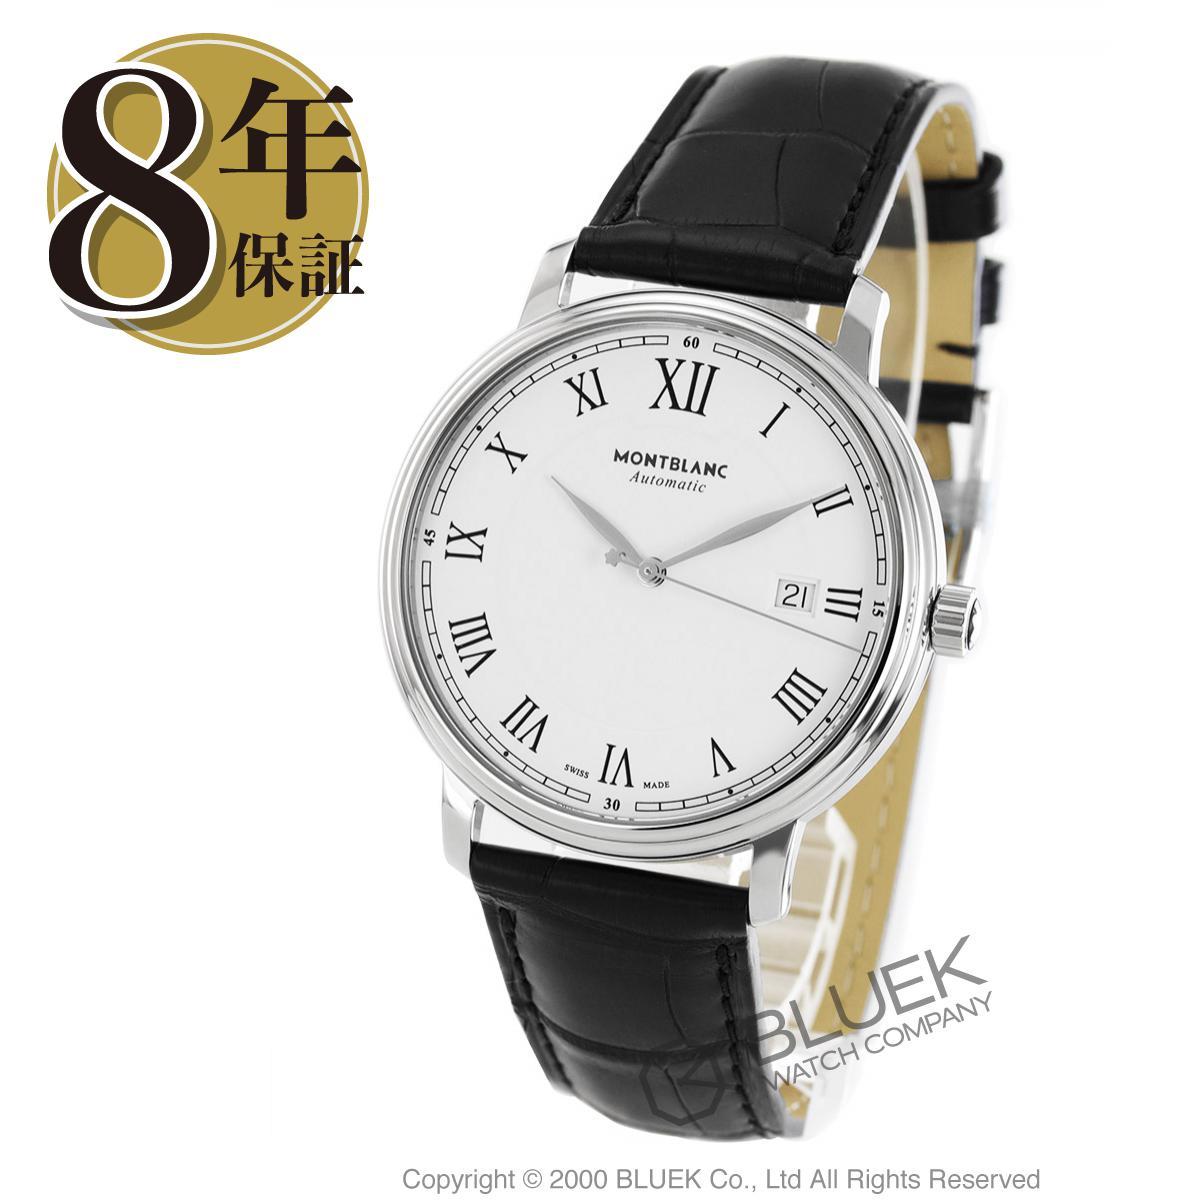 モンブラン トラディション アリゲーターレザー 腕時計 メンズ MONTBLANC 112609_8